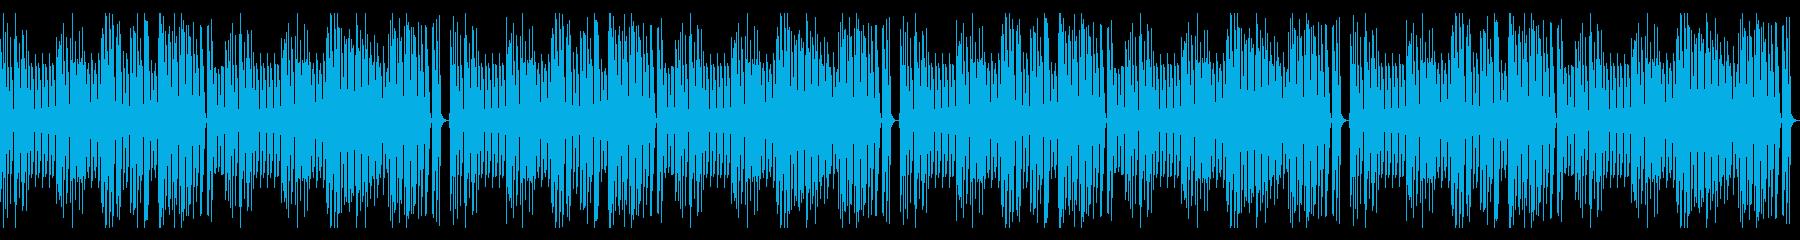 ほのぼの 日常 配信 ピアノ ループ可の再生済みの波形